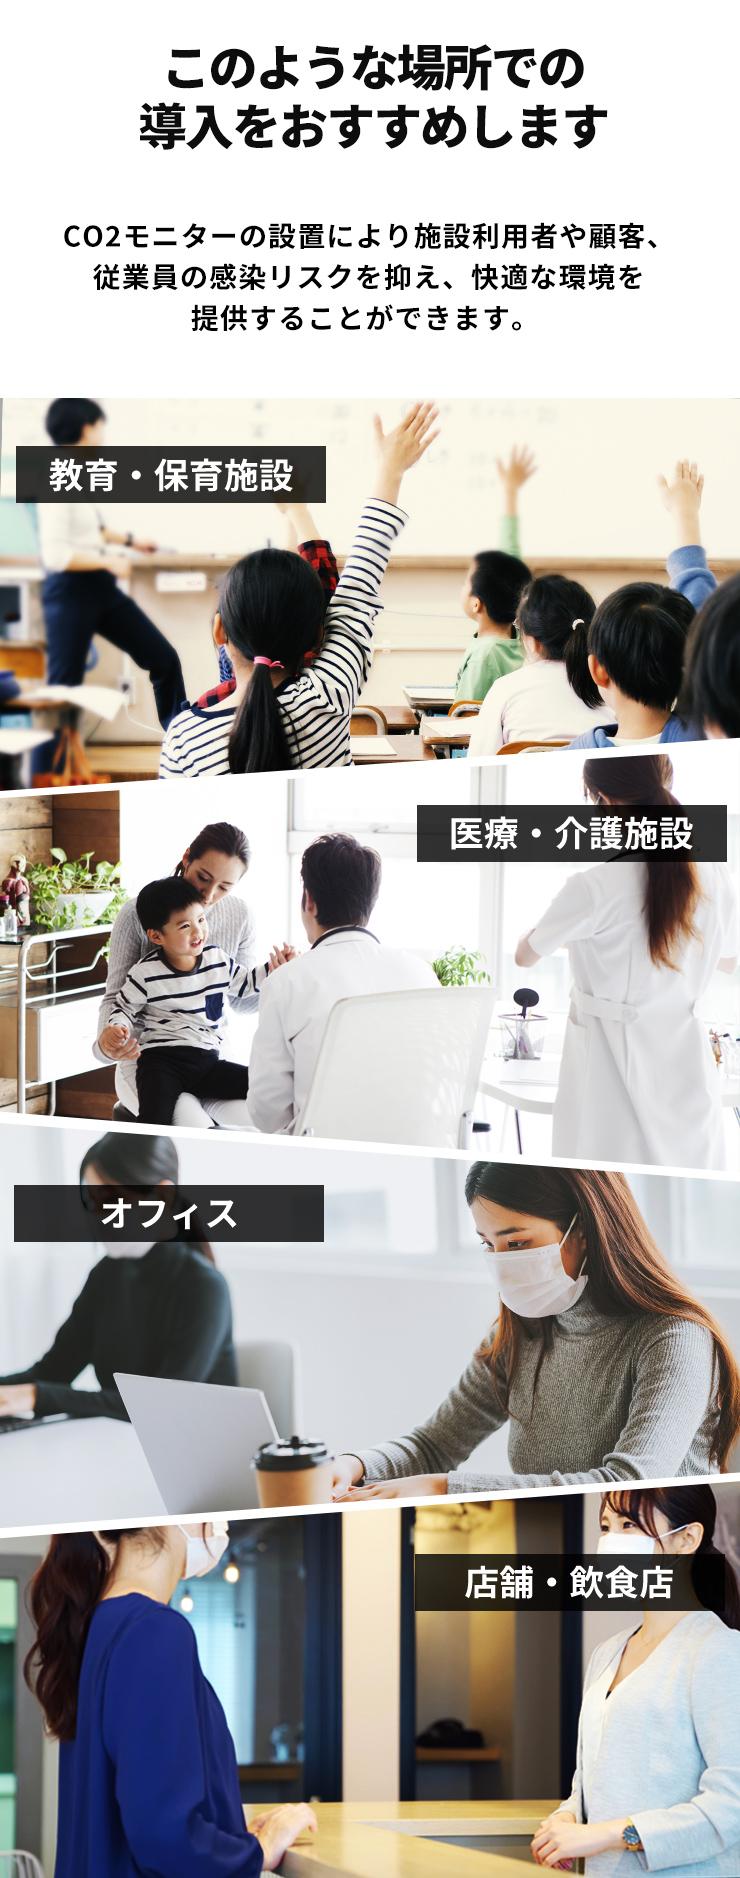 学校・病院・オフィス・飲食店での導入をおすすめ